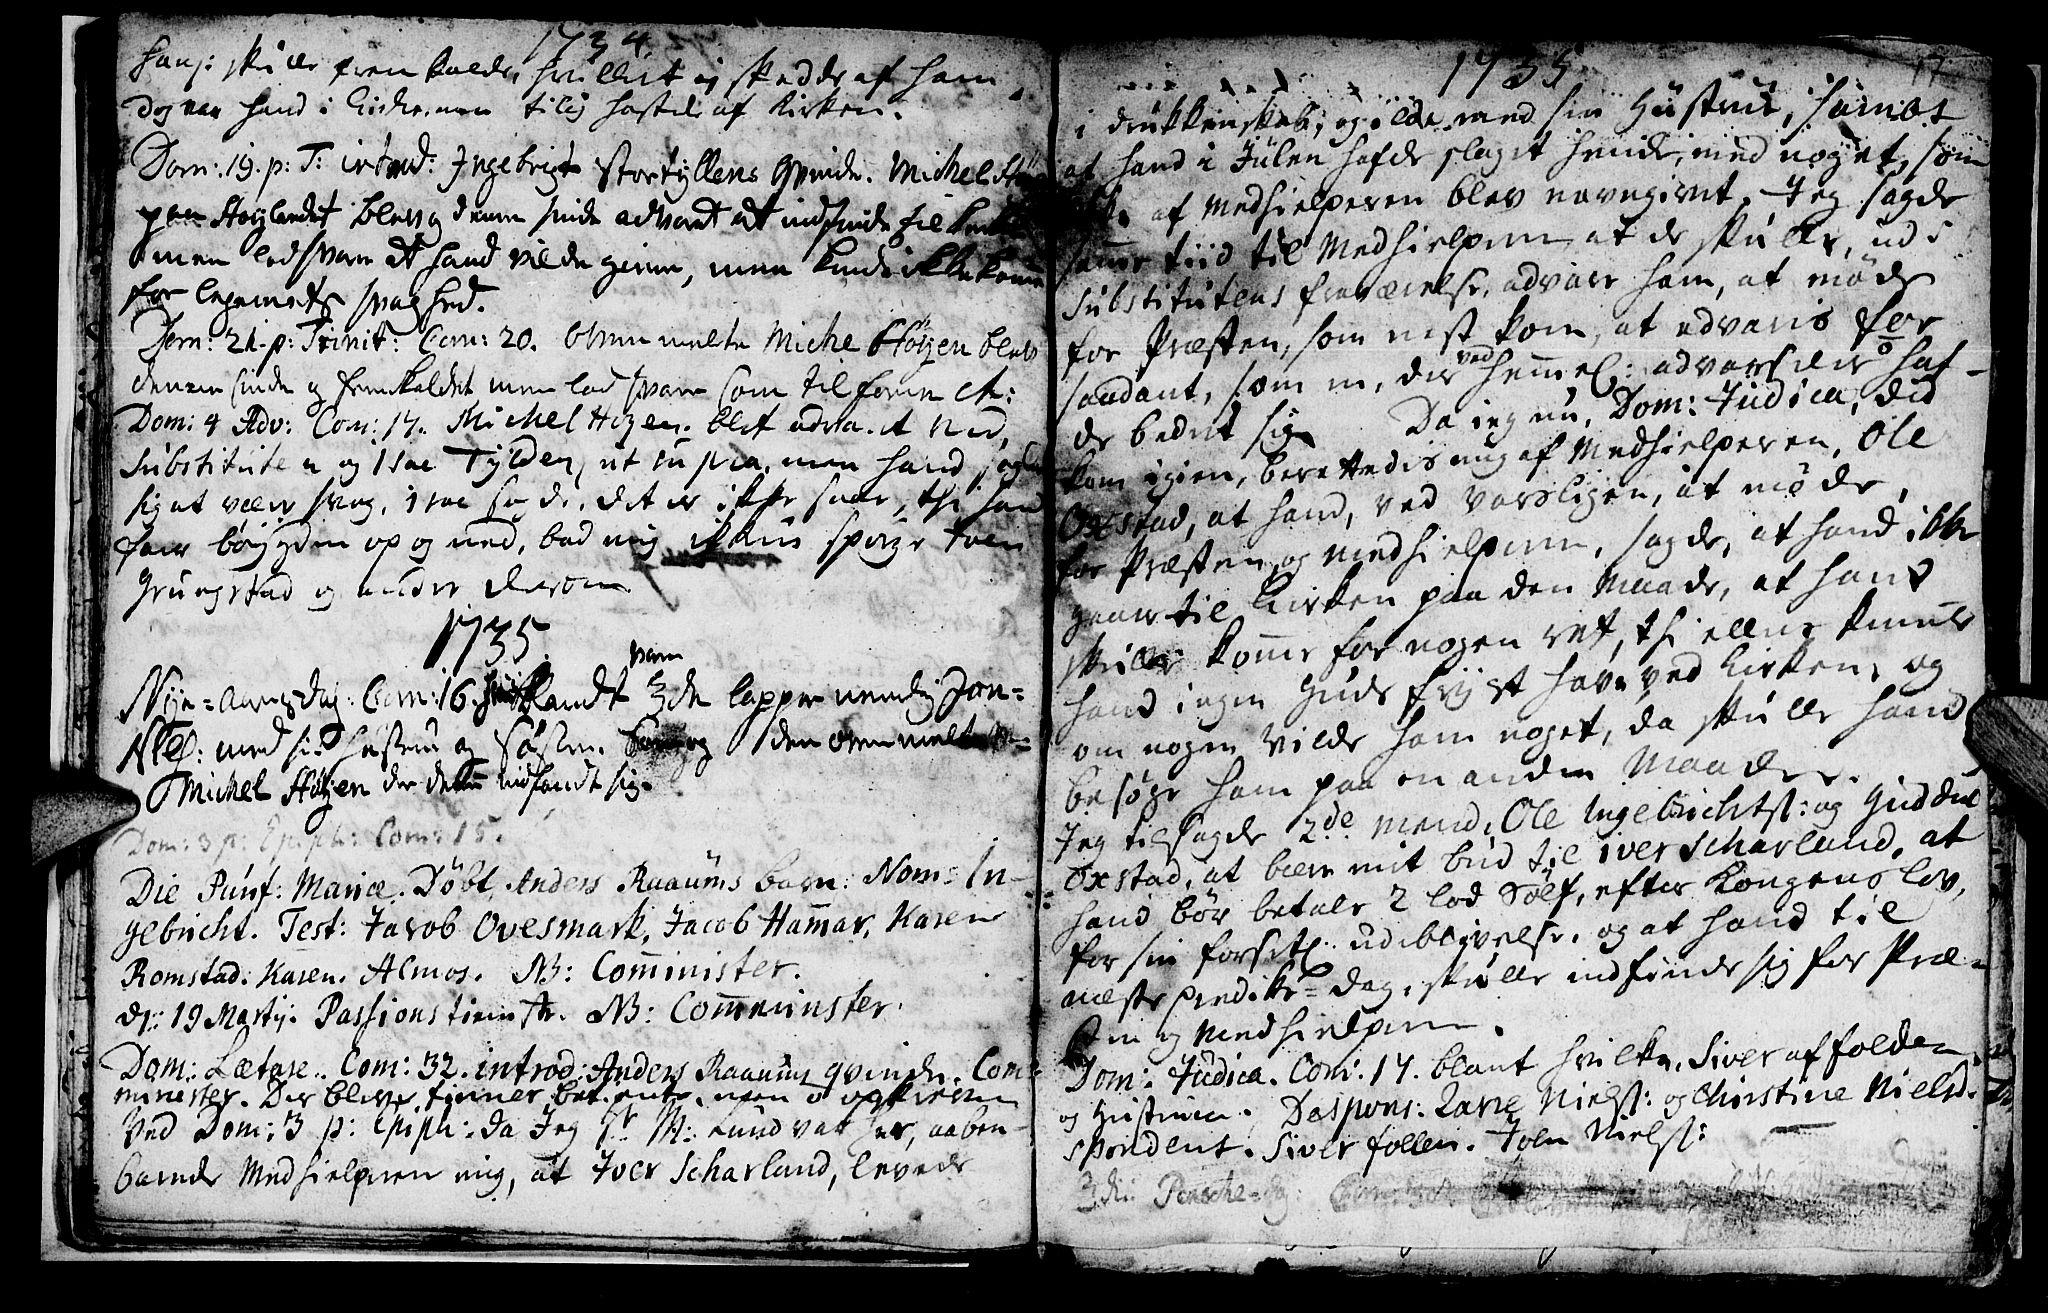 SAT, Ministerialprotokoller, klokkerbøker og fødselsregistre - Nord-Trøndelag, 765/L0560: Ministerialbok nr. 765A01, 1706-1748, s. 17